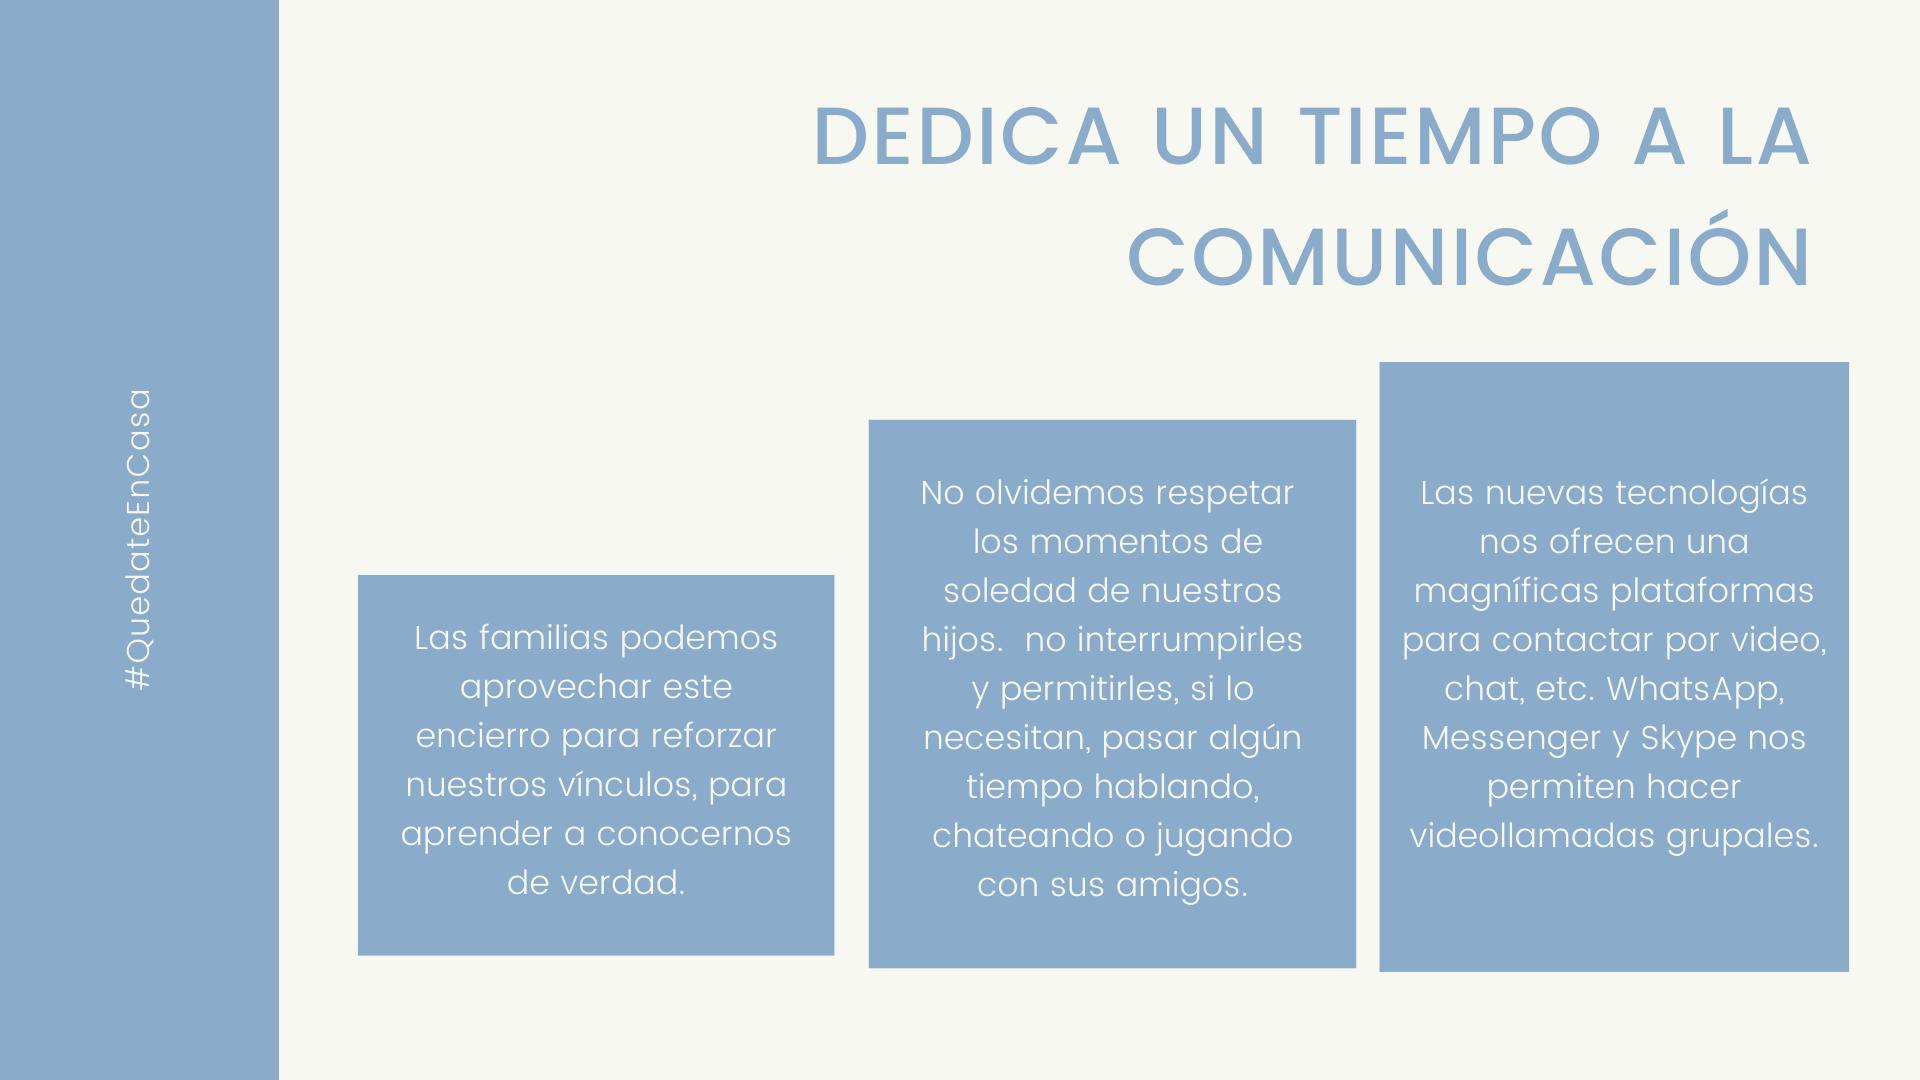 Imagen alusiva a 5. Trabajemos en la comunicación de la familia.